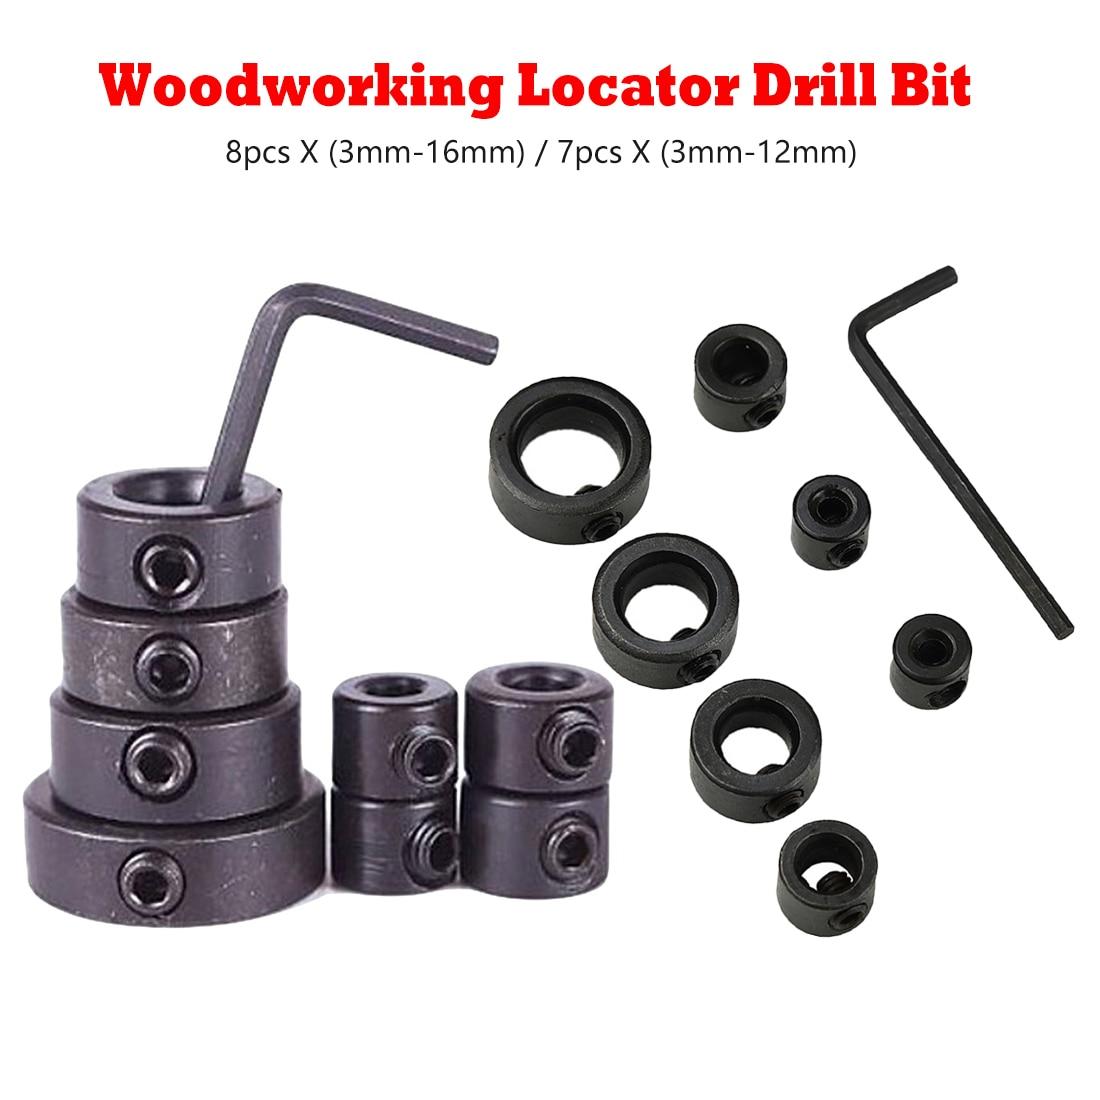 Woodworking Drill Locator Drill Bit Depth Stop Collars Ring Positioner Drill Locator Wood Drill Bit 8pc X 3mm-16mm/7pc 3mm-12mm